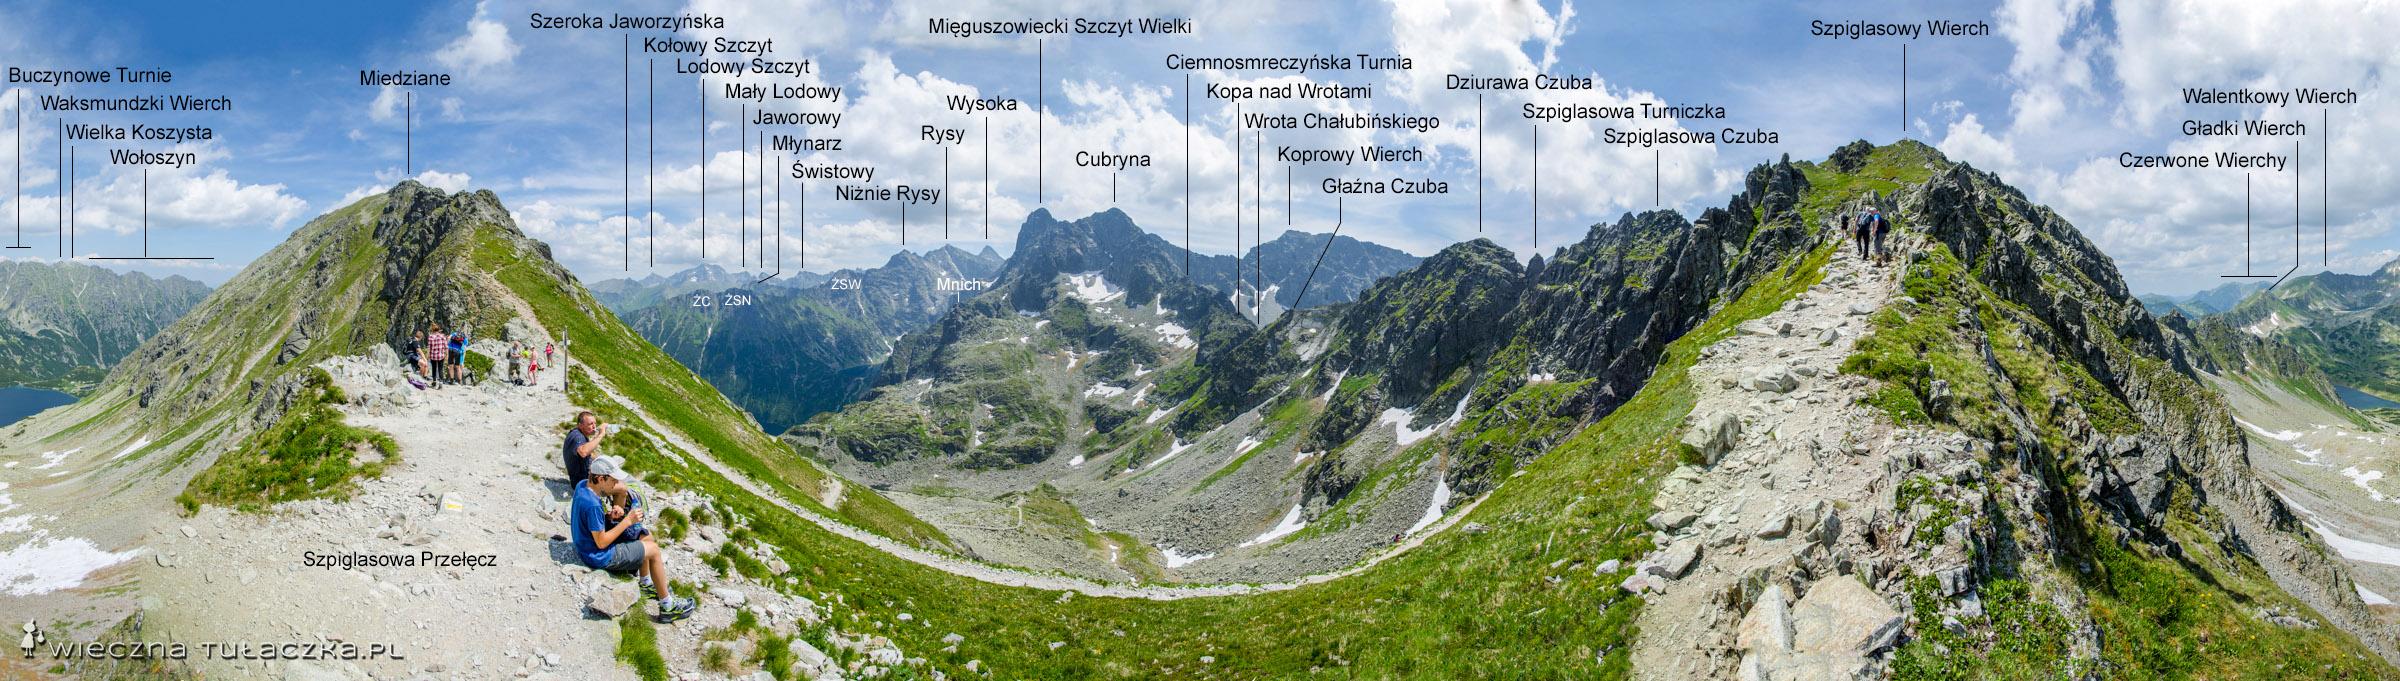 Panorama ze Szpiglasowej Przełęczy, widok na stronę Doliny Rybiego Potoku i Dolinki za Mnichem